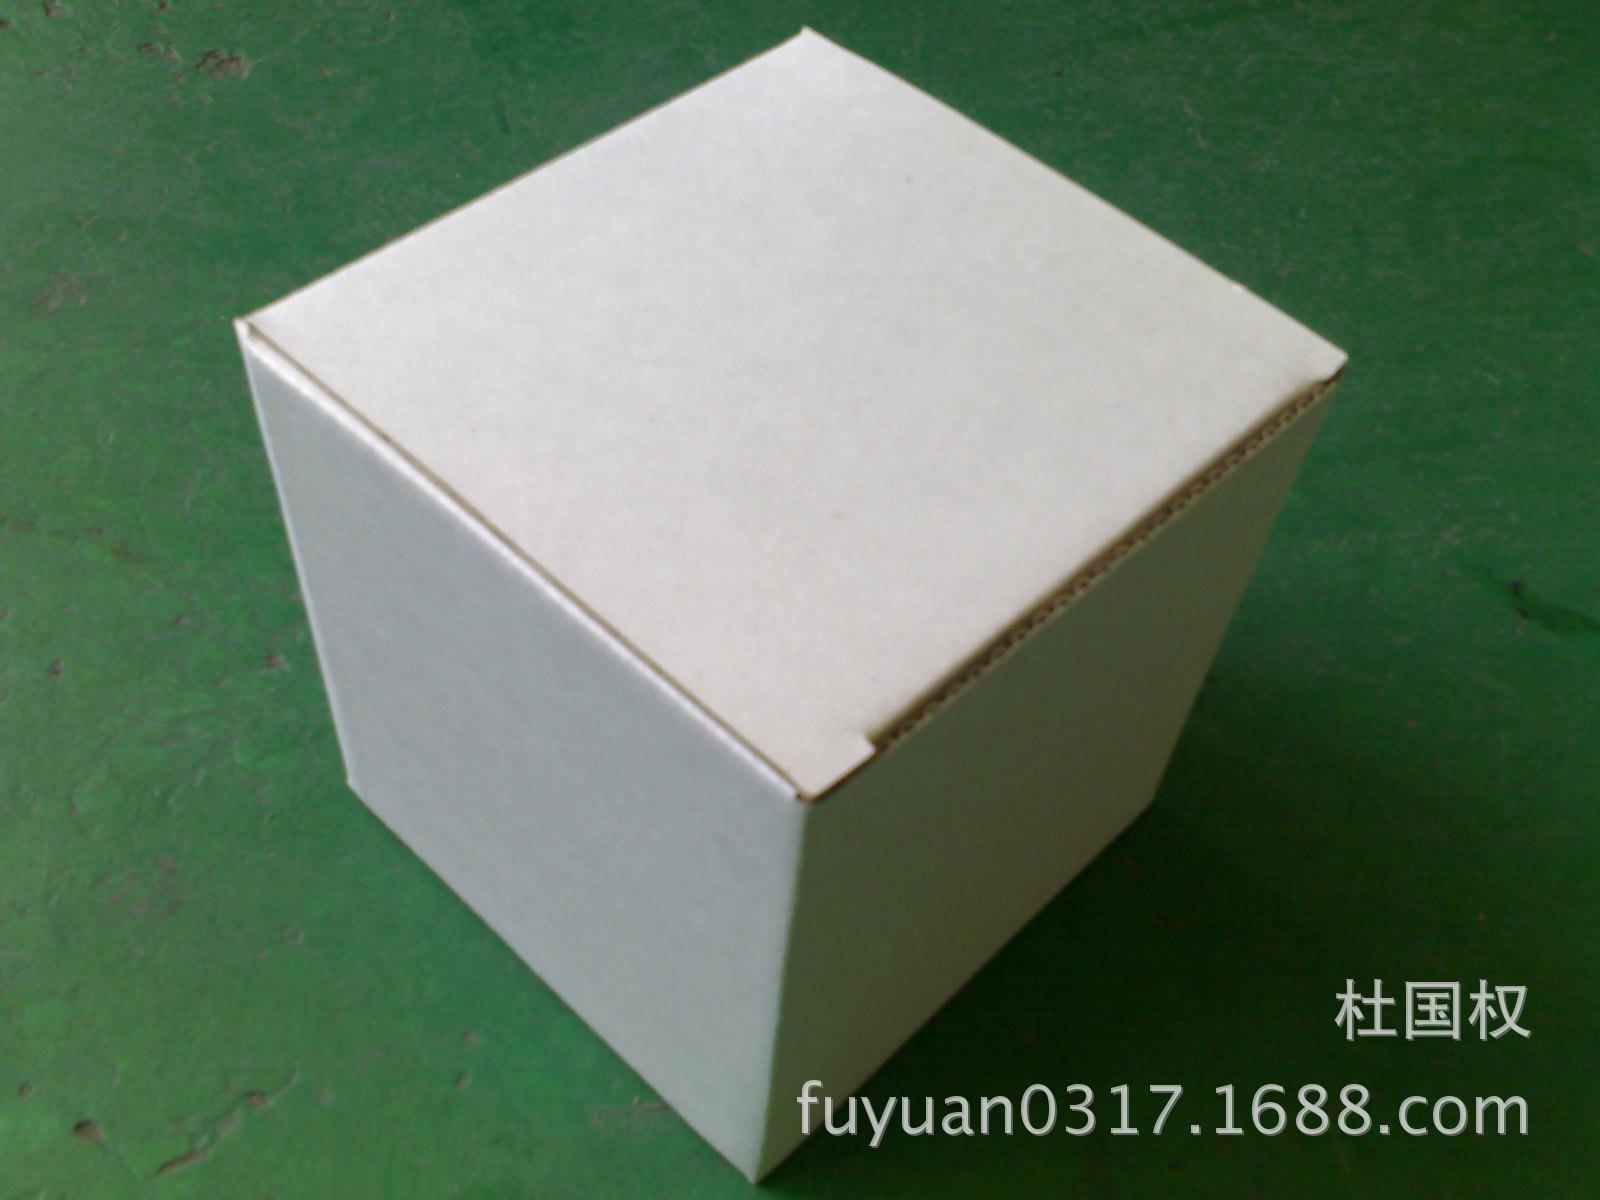 白板纸厂家直销-哪里有卖划算的白板纸